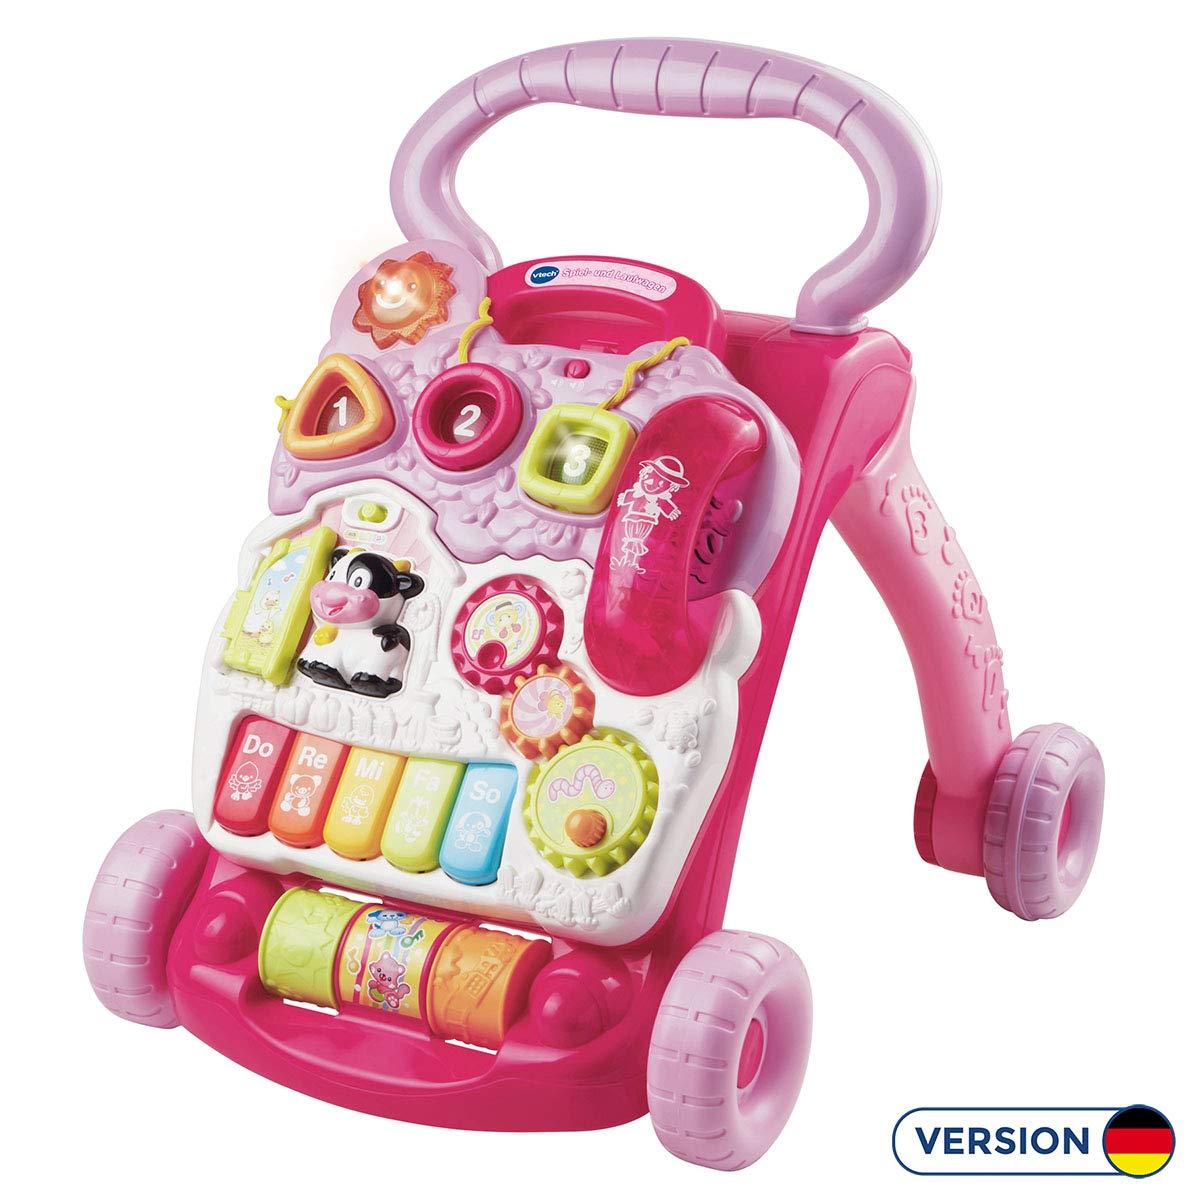 VTech Baby - Correpasillos andandín 2 en 1, Color Rosa, versión ...